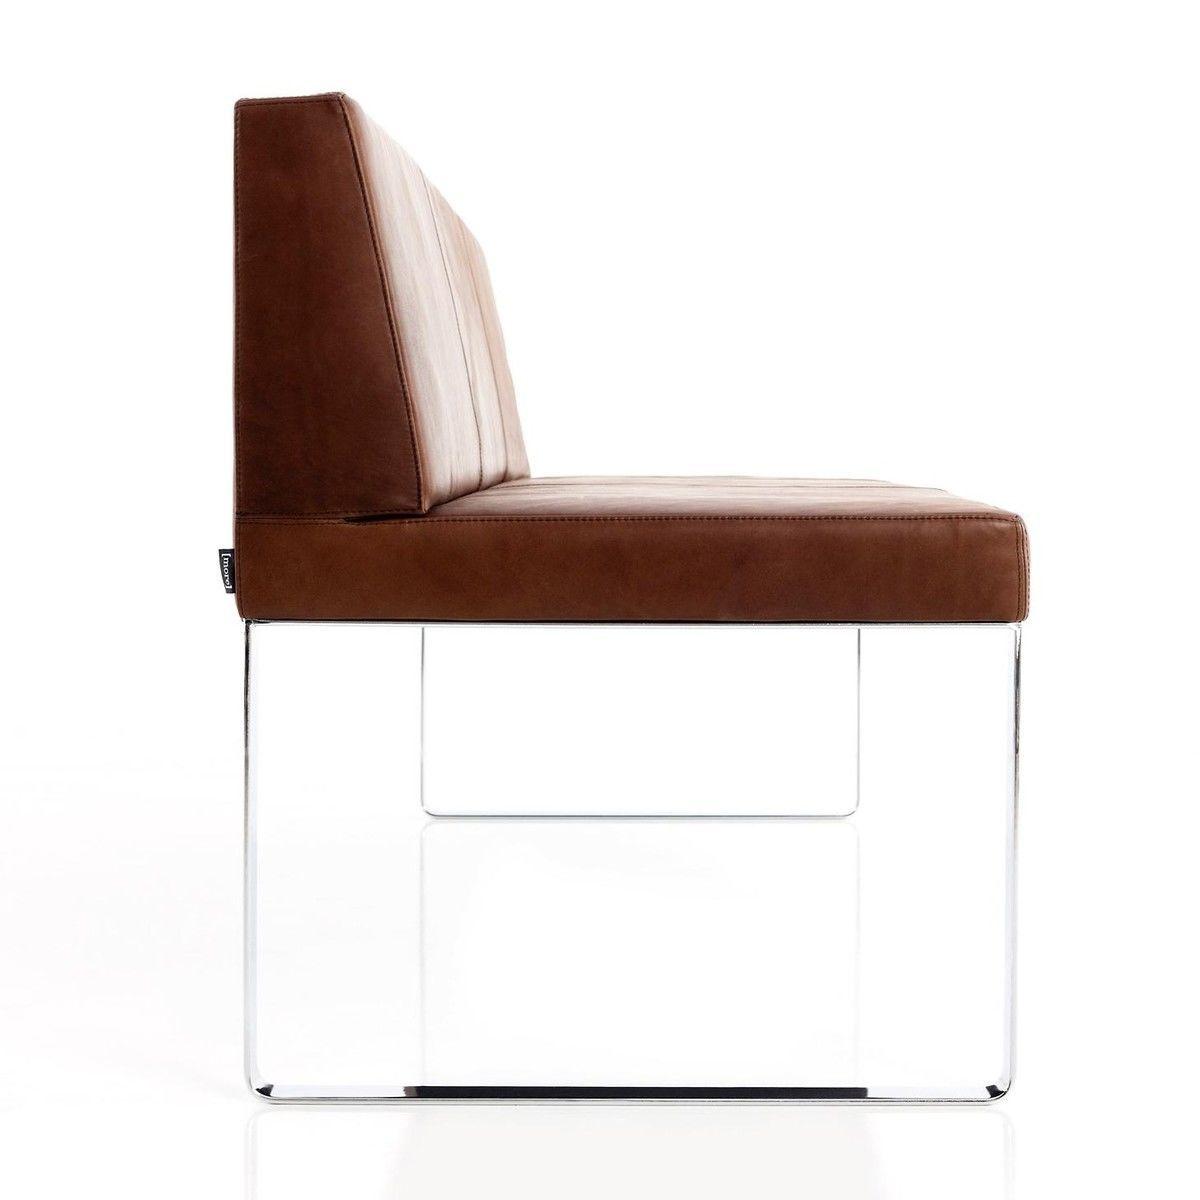 bop banc avec dossier more. Black Bedroom Furniture Sets. Home Design Ideas